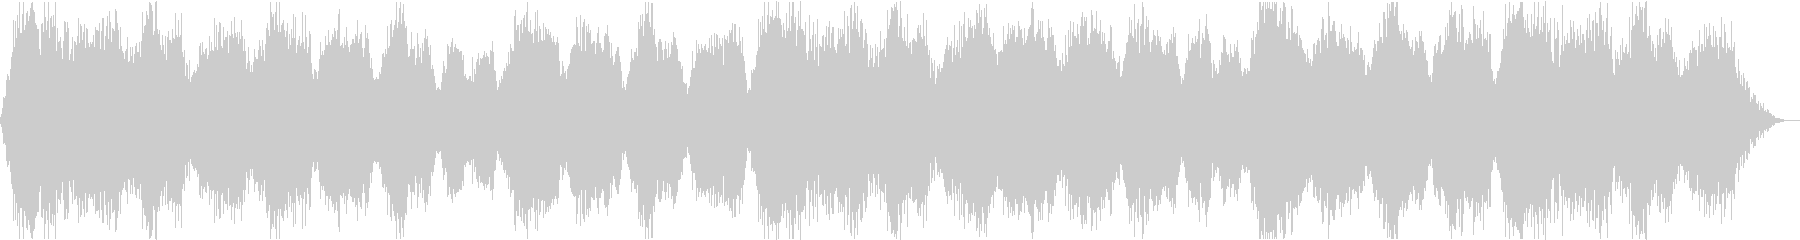 荘厳な雰囲気のBGMの未再生の波形